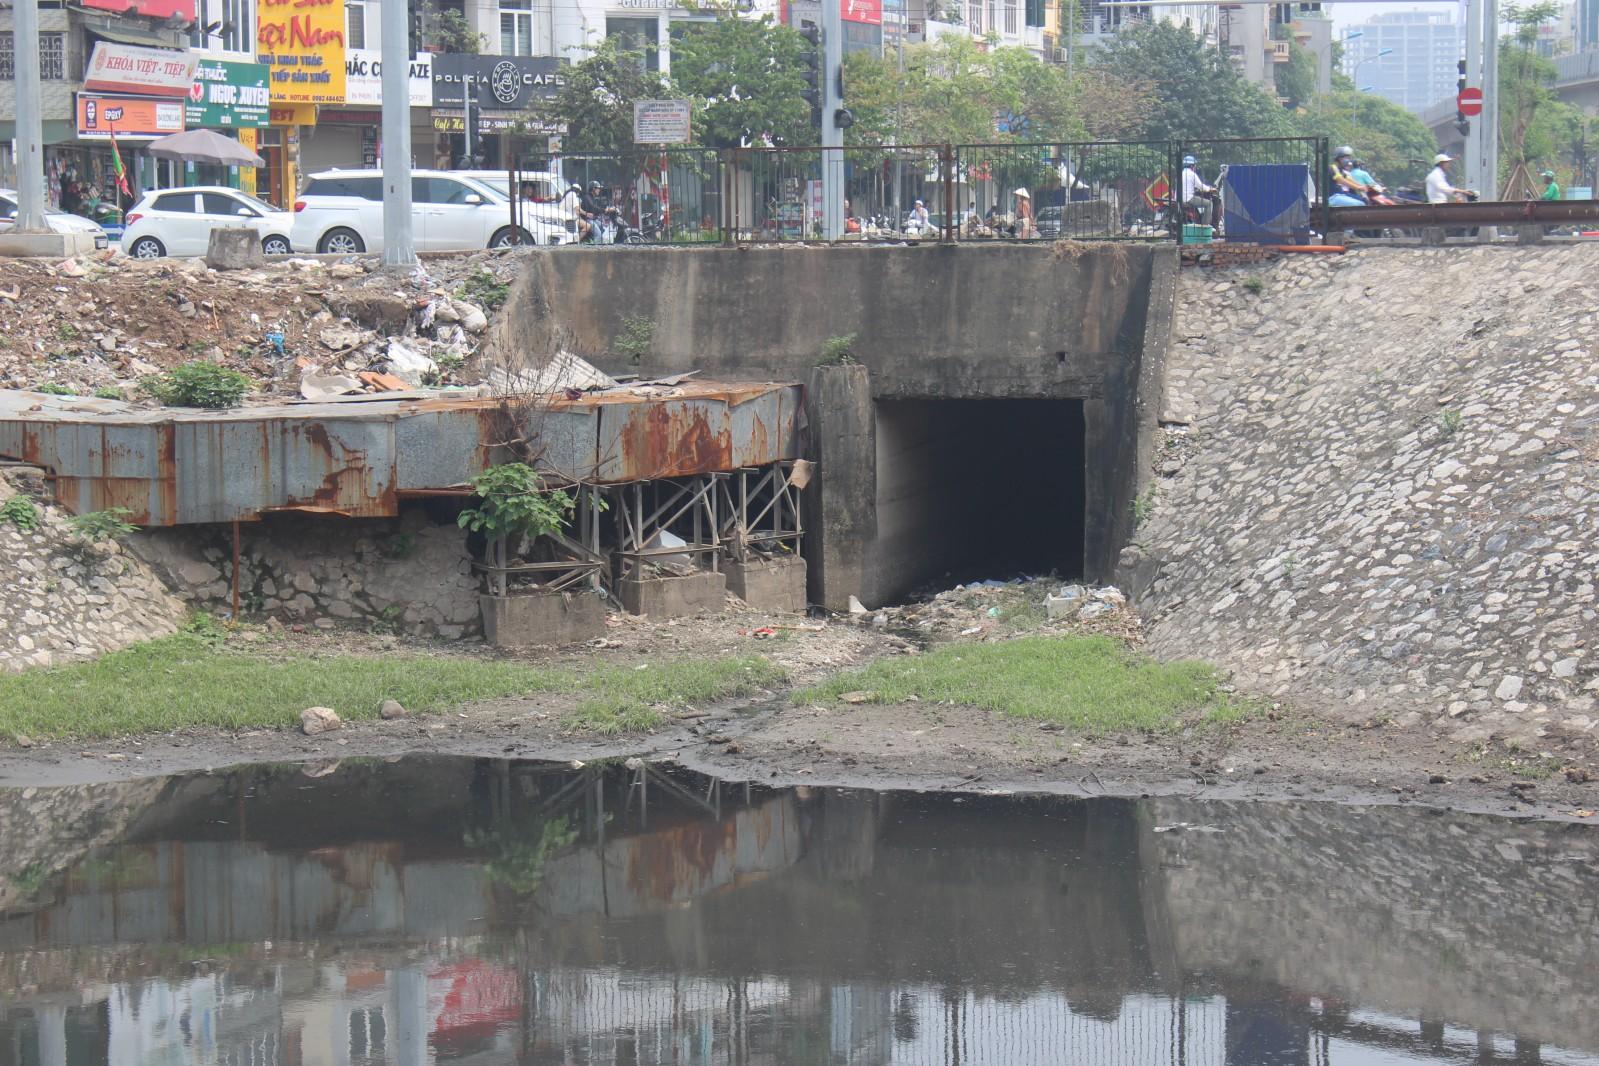 ấn đề xử lí nước thải càng nặng nề hơn khi một số cống thải bị tắc nghẽn bởi rác của Sông